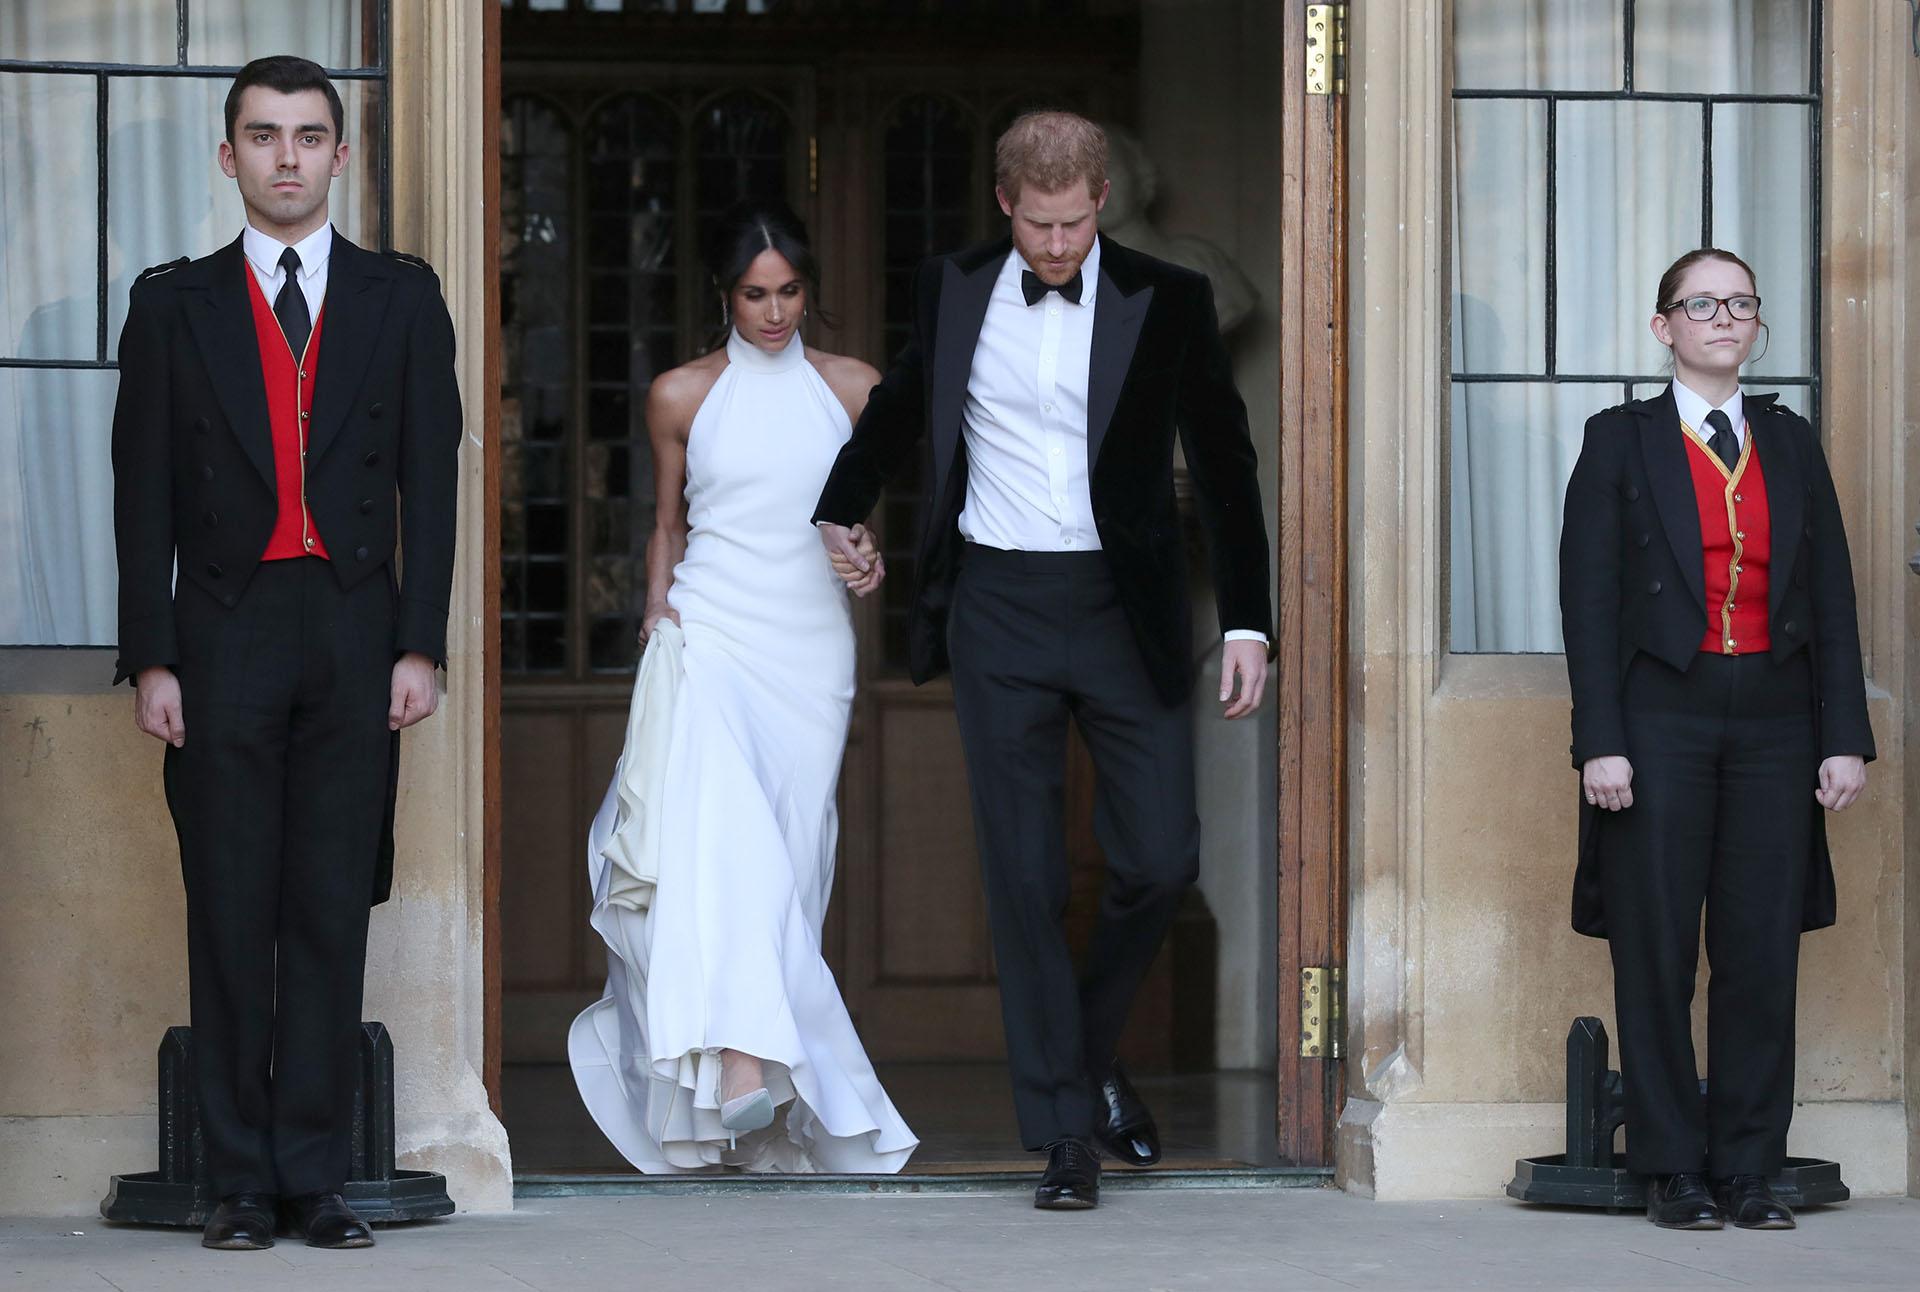 Tras la ceremonia en la capilla St George, Meghan Markle y el príncipe Harry se dirigieron al Castillo de Windsor para la recepción íntima (Reuters)